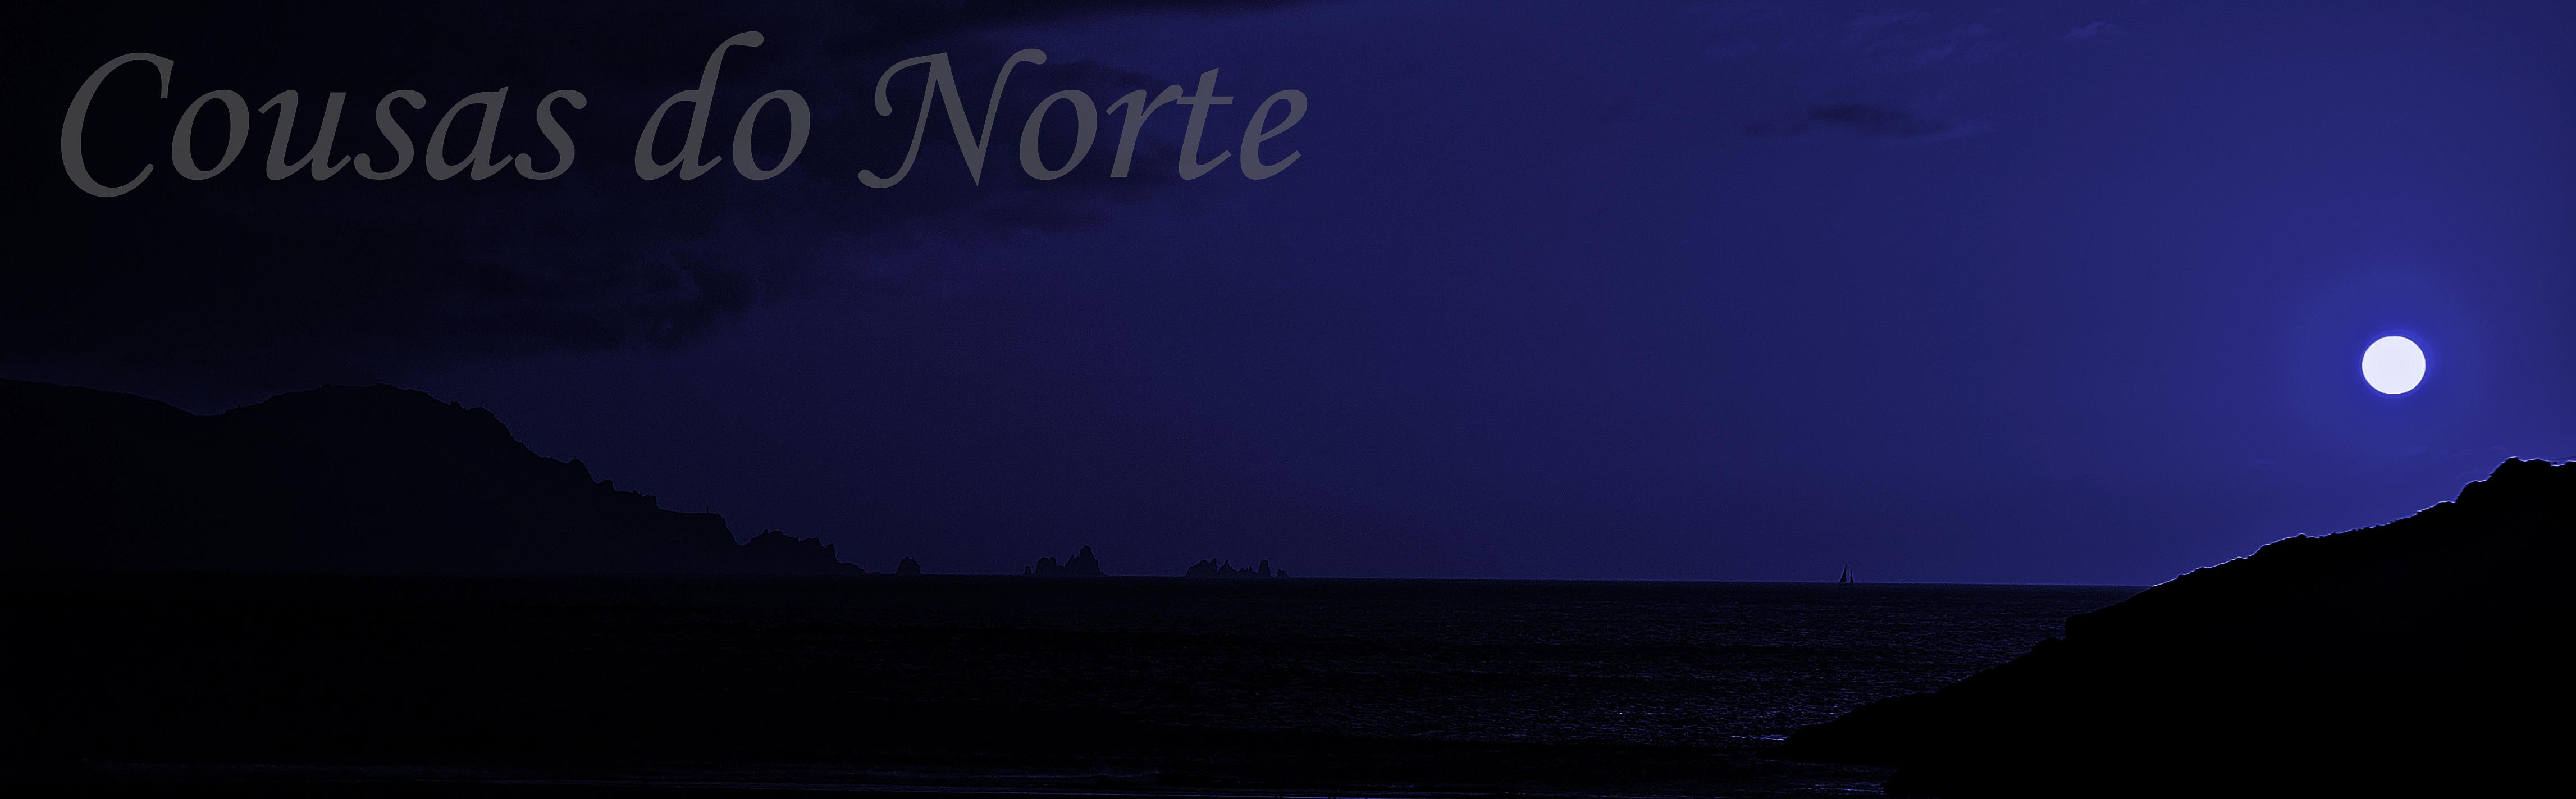 Cousas do Norte